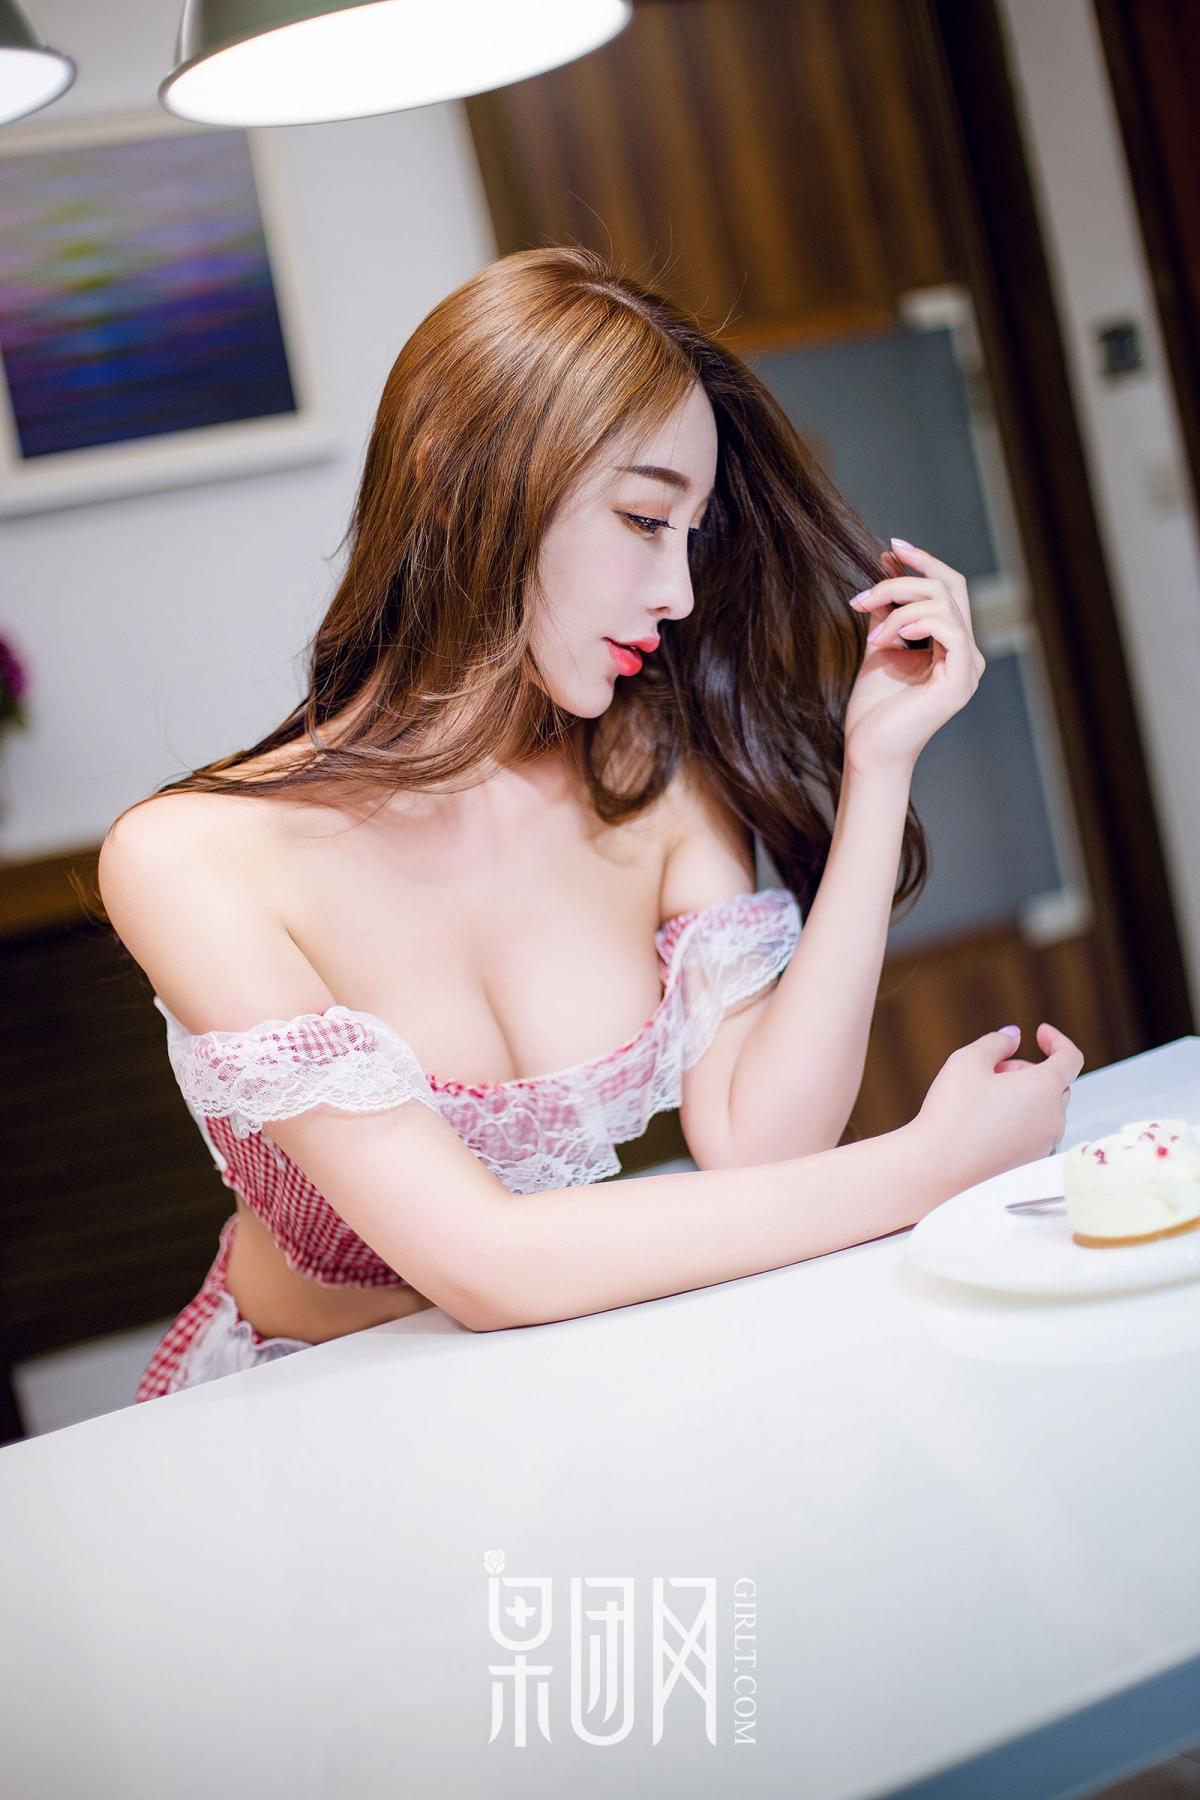 [Girlt] Pei Xi Xi First Show